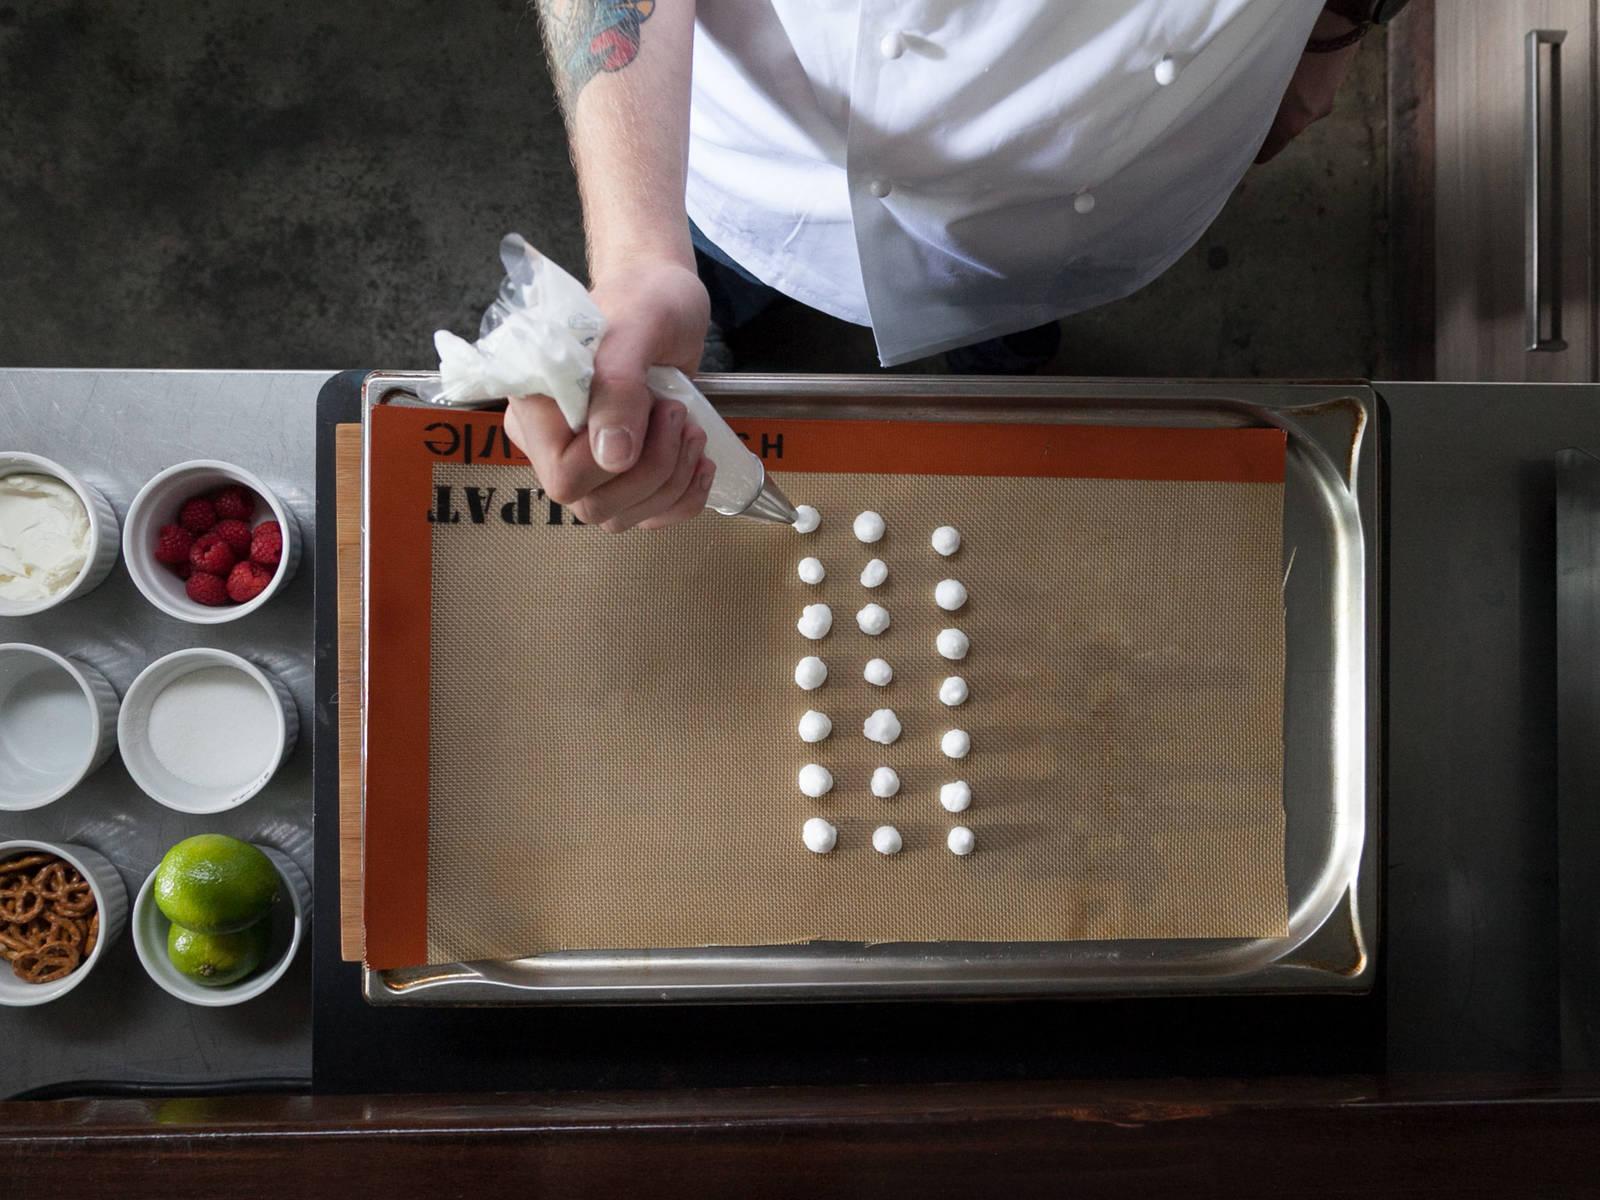 将烤箱预热至60度。将蛋白放到搅拌碗中,搅打至硬性发泡。然后倒入裱花袋中,在铺好烘焙纸的烤盘上挤出一个个小圆。烤15-20分钟。